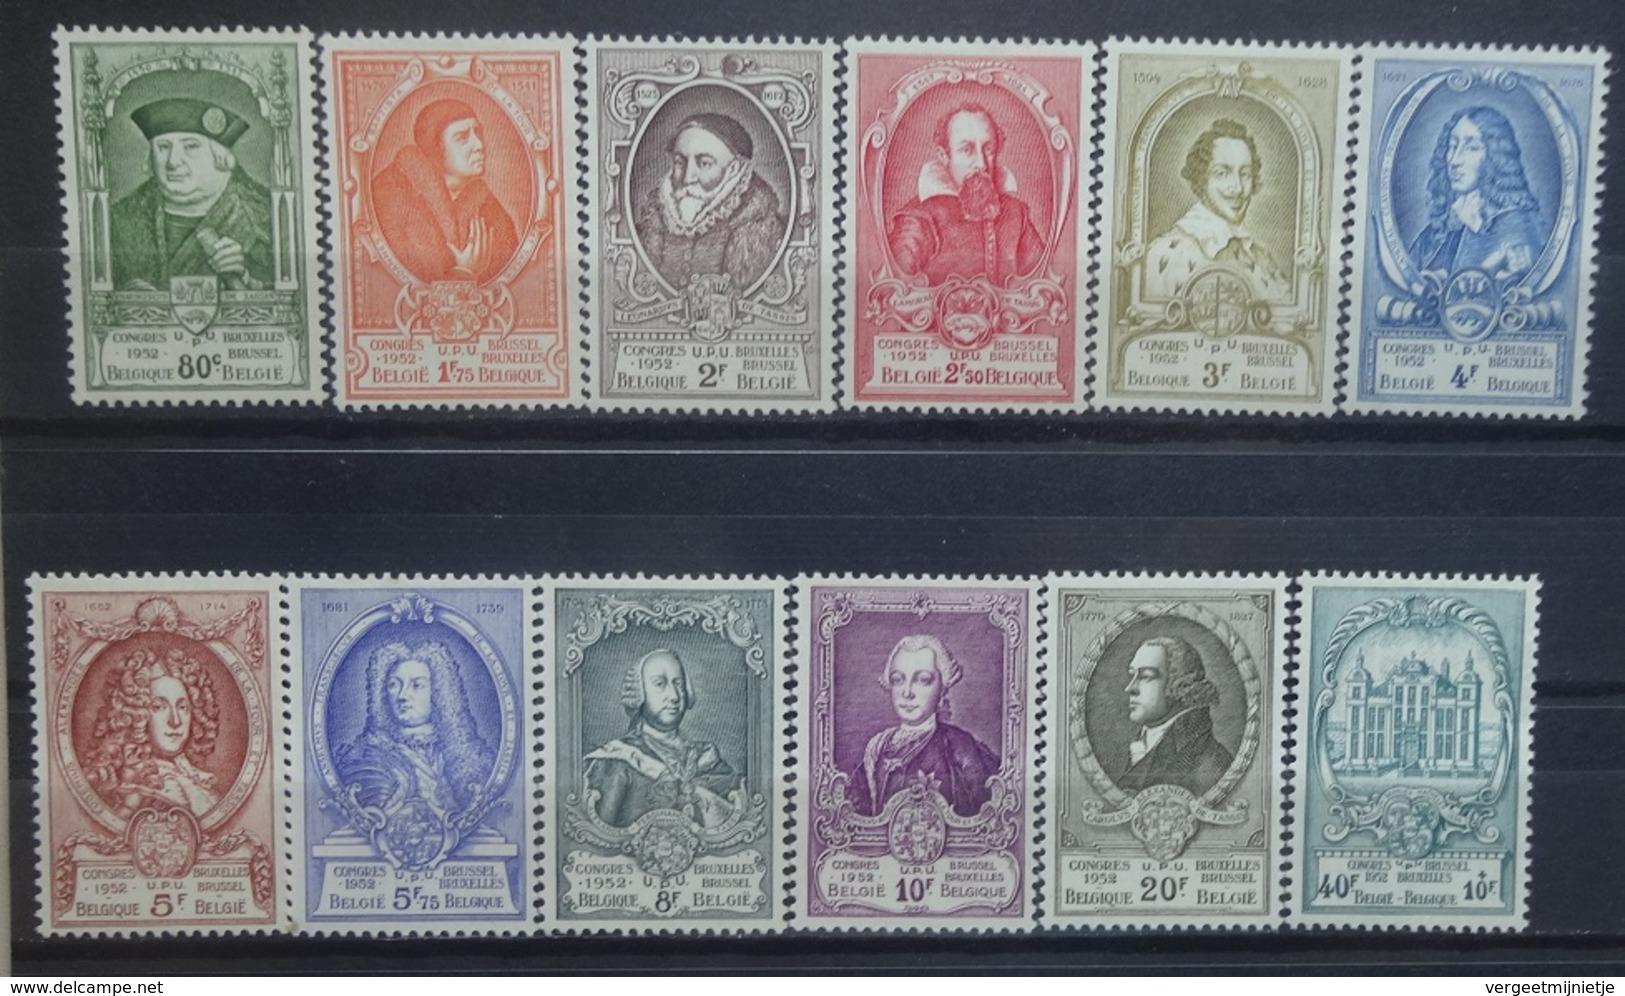 BELGIE   1952    Nr. 880 - 891  UPU    -   Zeer Goede Staat   -   Postfris **   CW 320,00 - Belgium